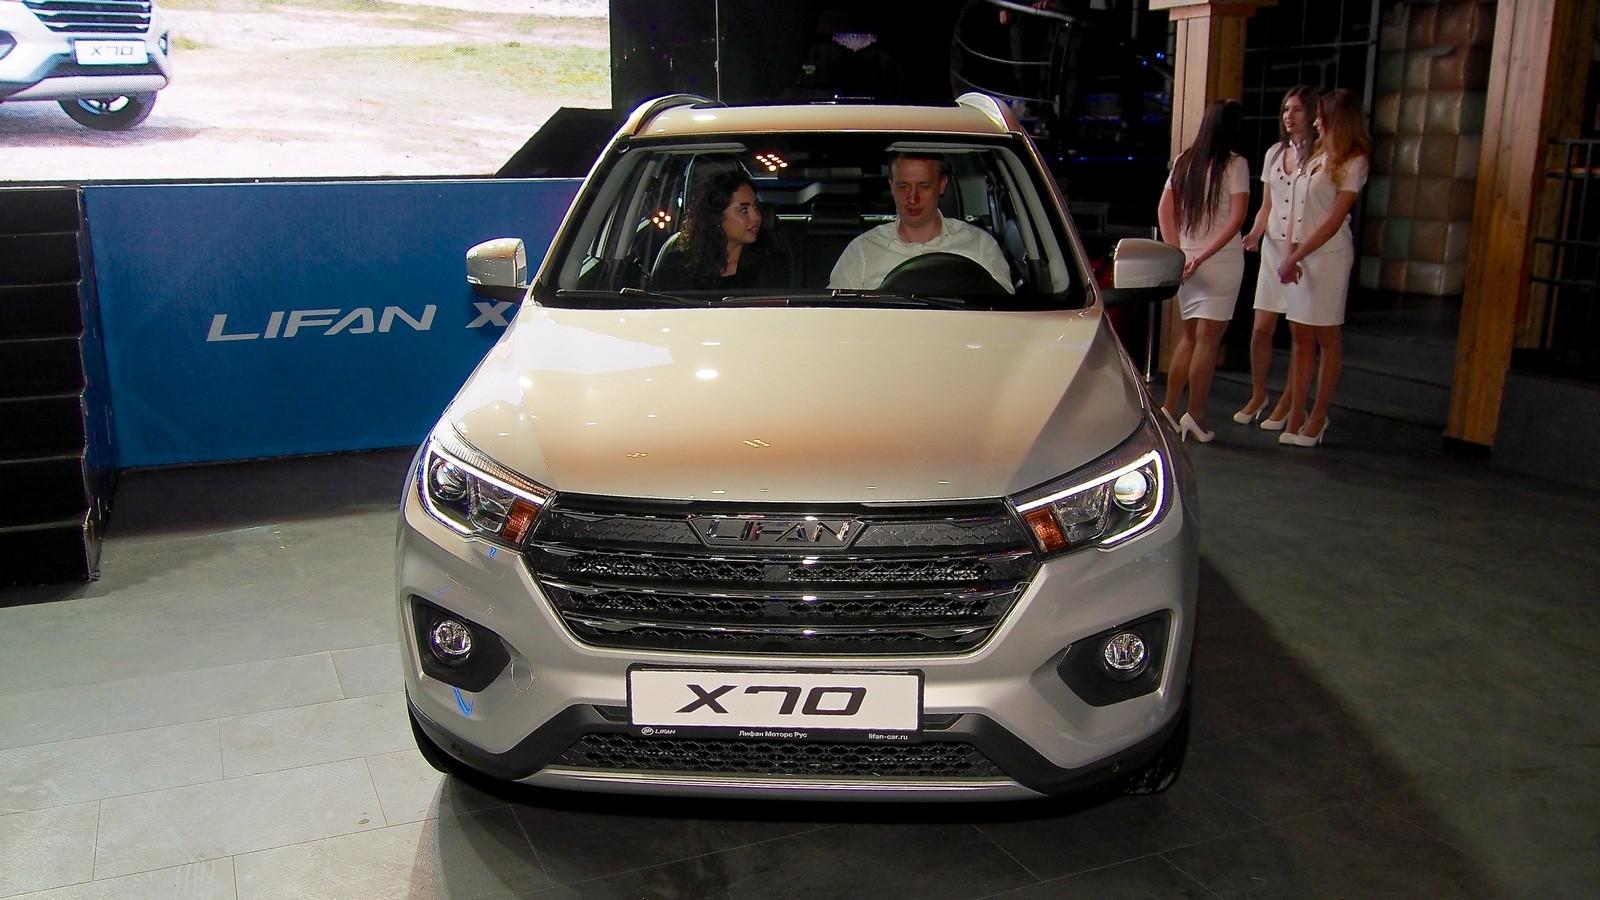 Lifan X70 серебристый вид спереди